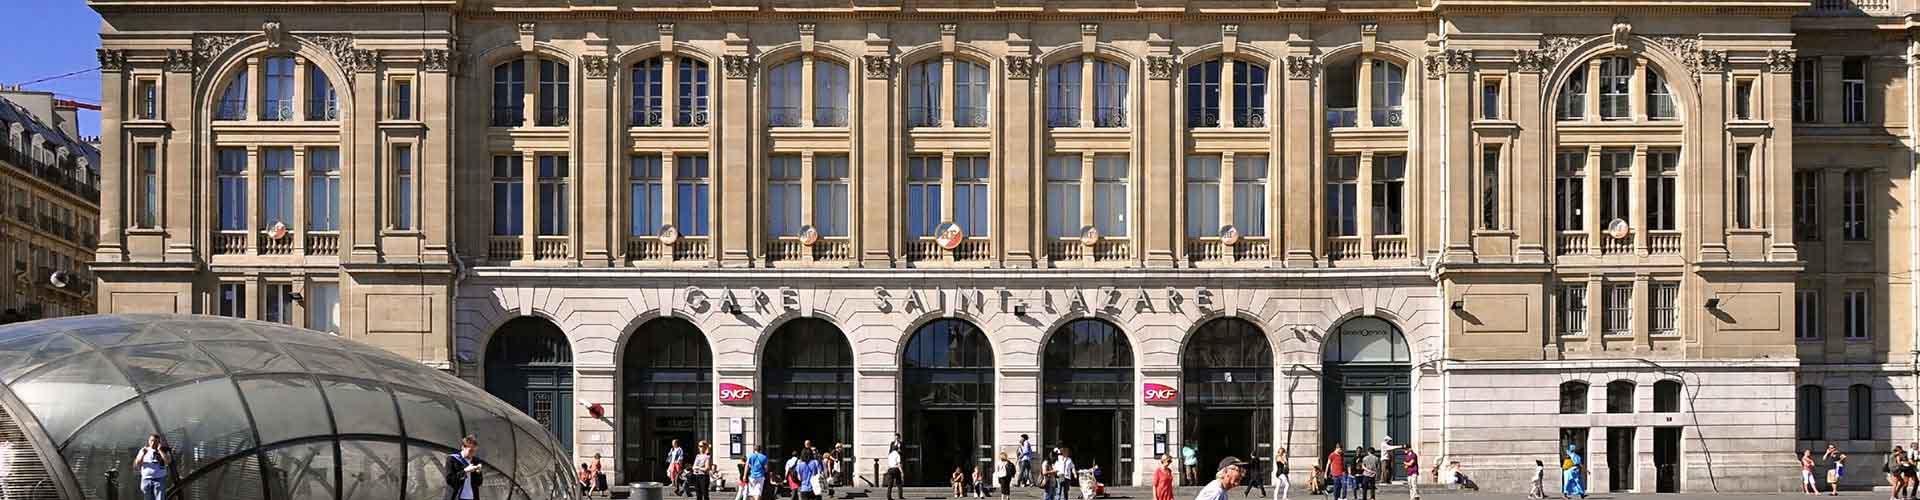 Paris – Hostels próximos a Gare Saint-Lazare. Mapas para Paris, Fotos e Avaliações para cada Hostel em Paris.